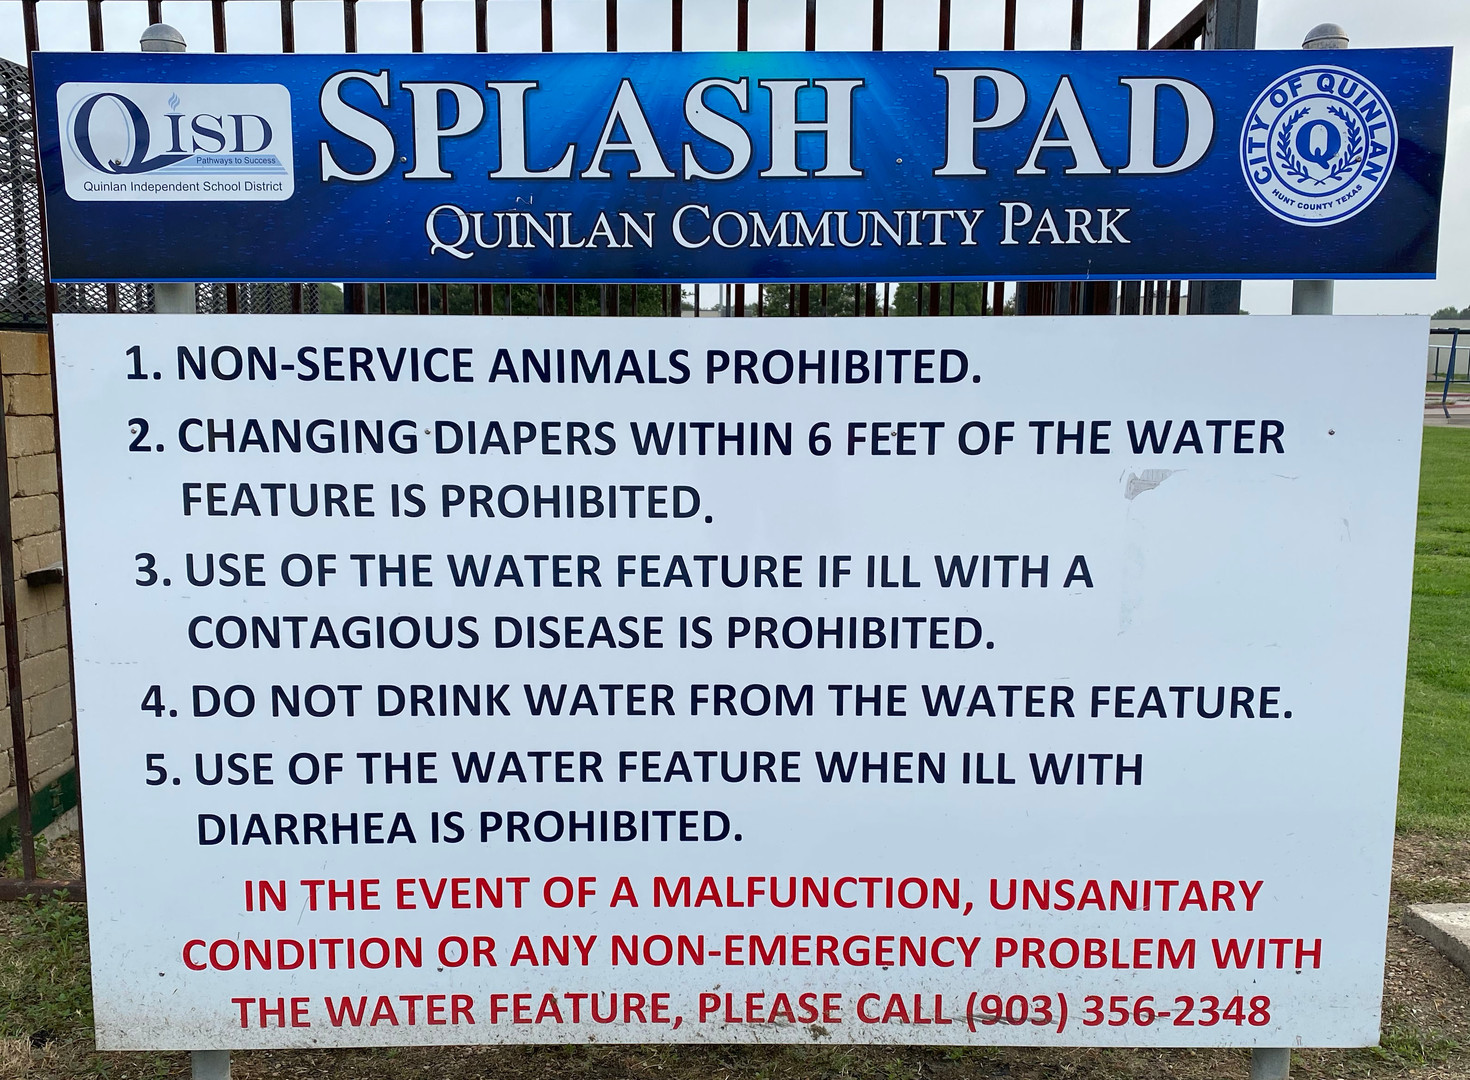 Splash Pad Rules 2